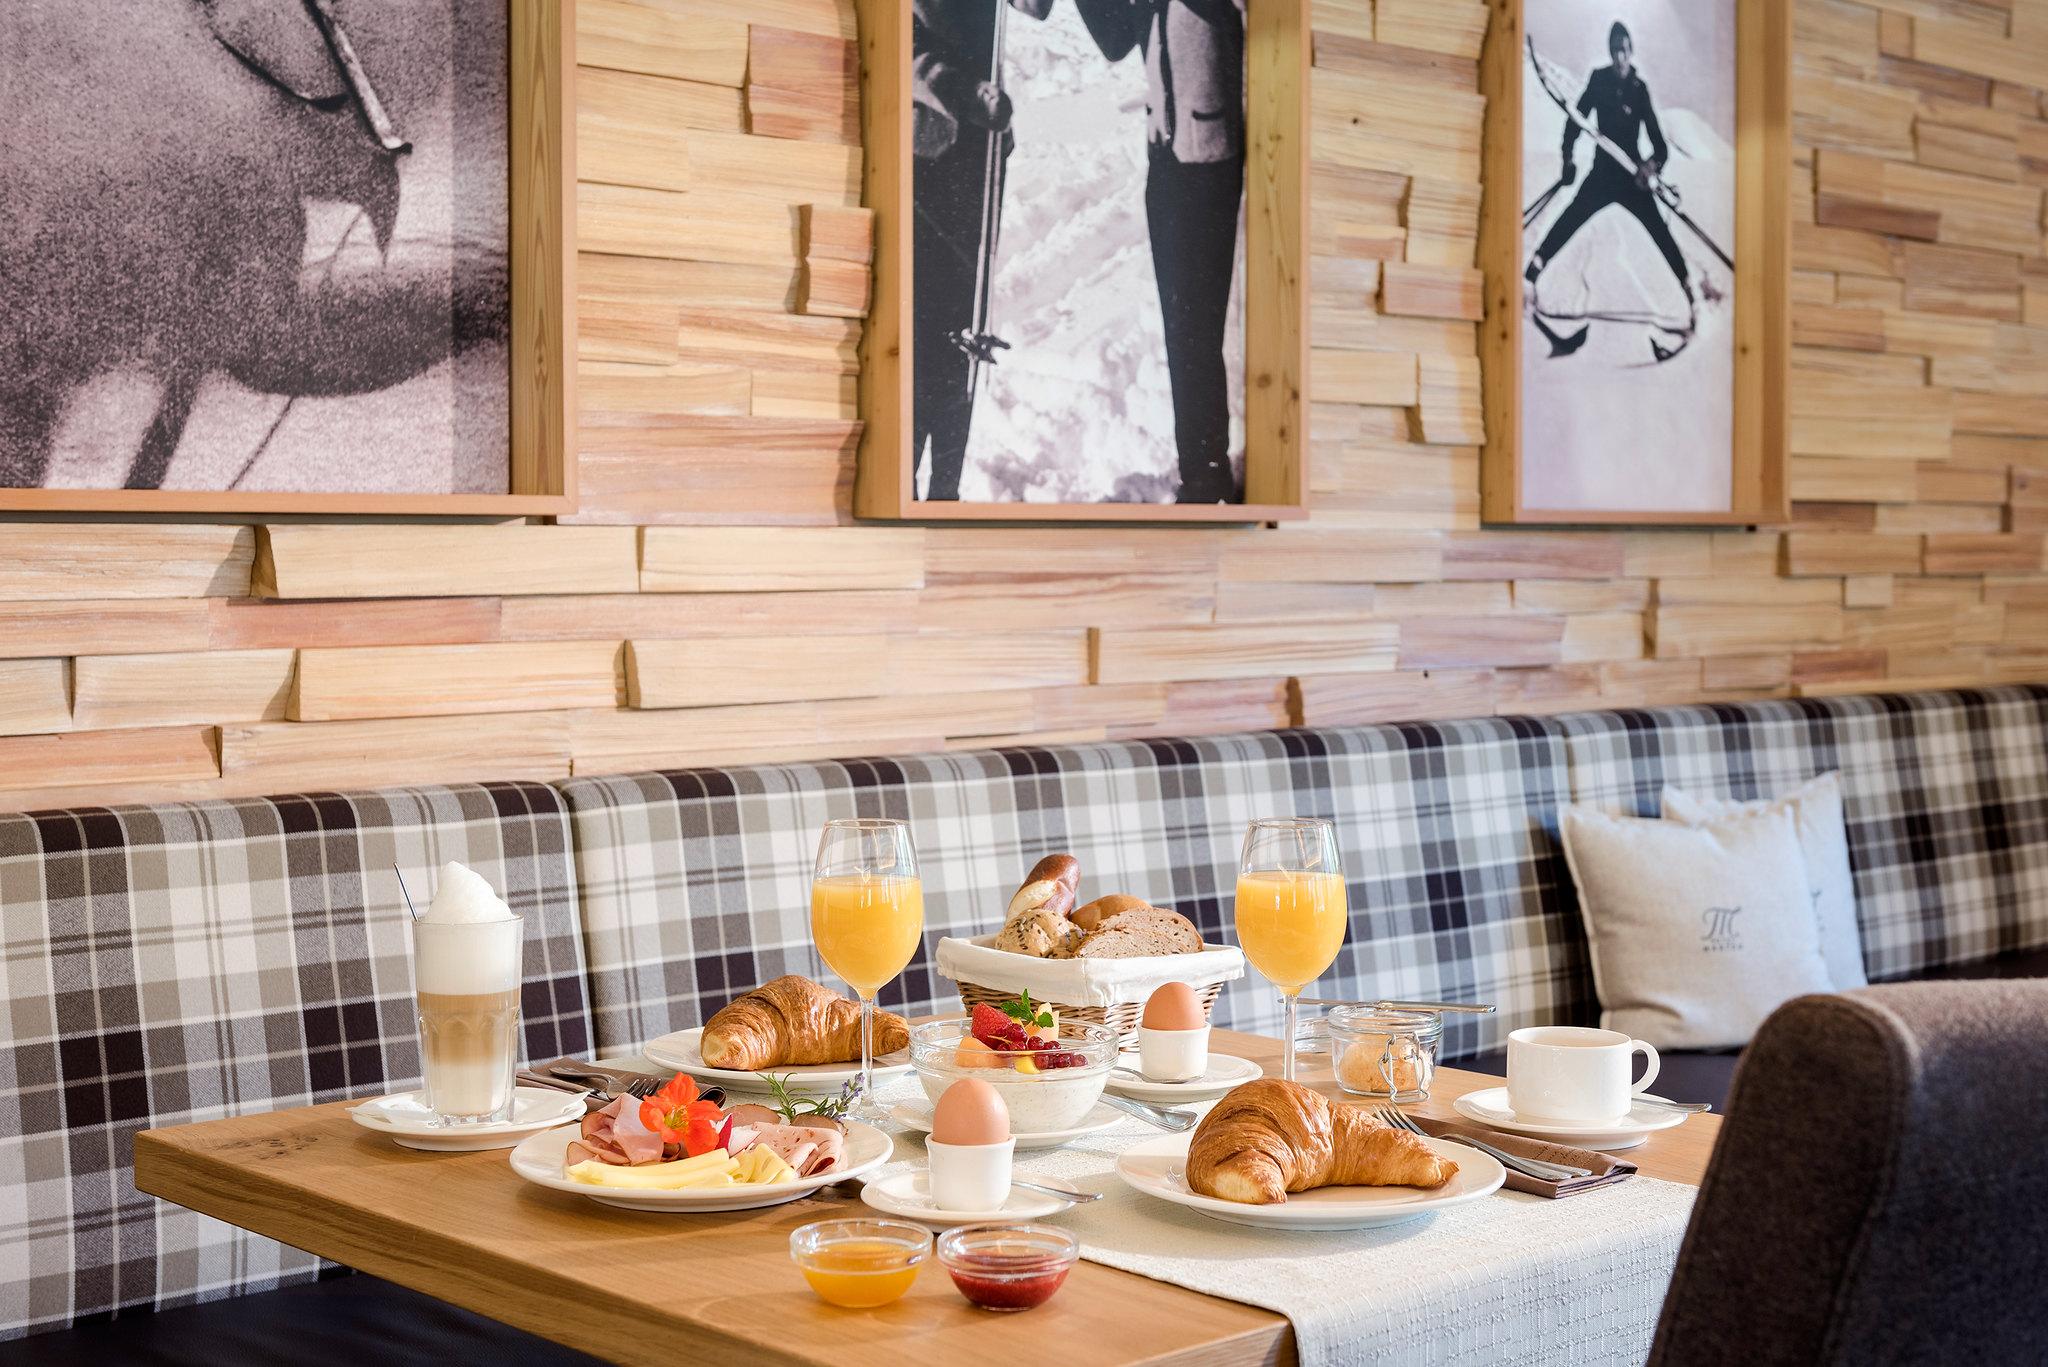 Frühstück im Hotel Marten in Saalbach-Hinterglemm